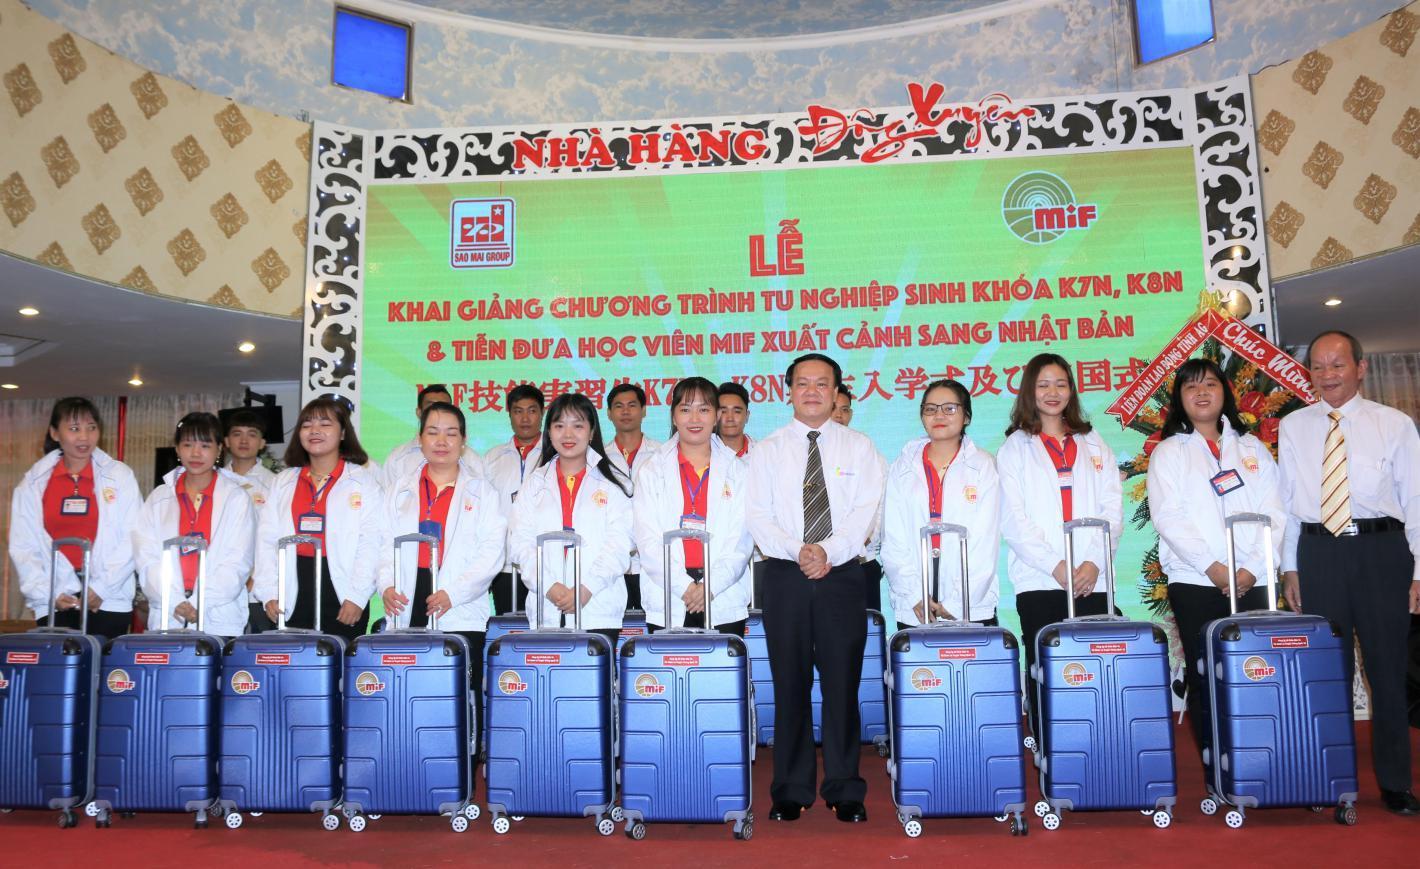 3. Ông Lê Thanh Thuấn - Chủ tịch Tập đoàn Sao Mai và lãnh đạo MIF tặng quà cho các tu nghiệp sinh xuất sắc được chọn sang Nhật làm việc